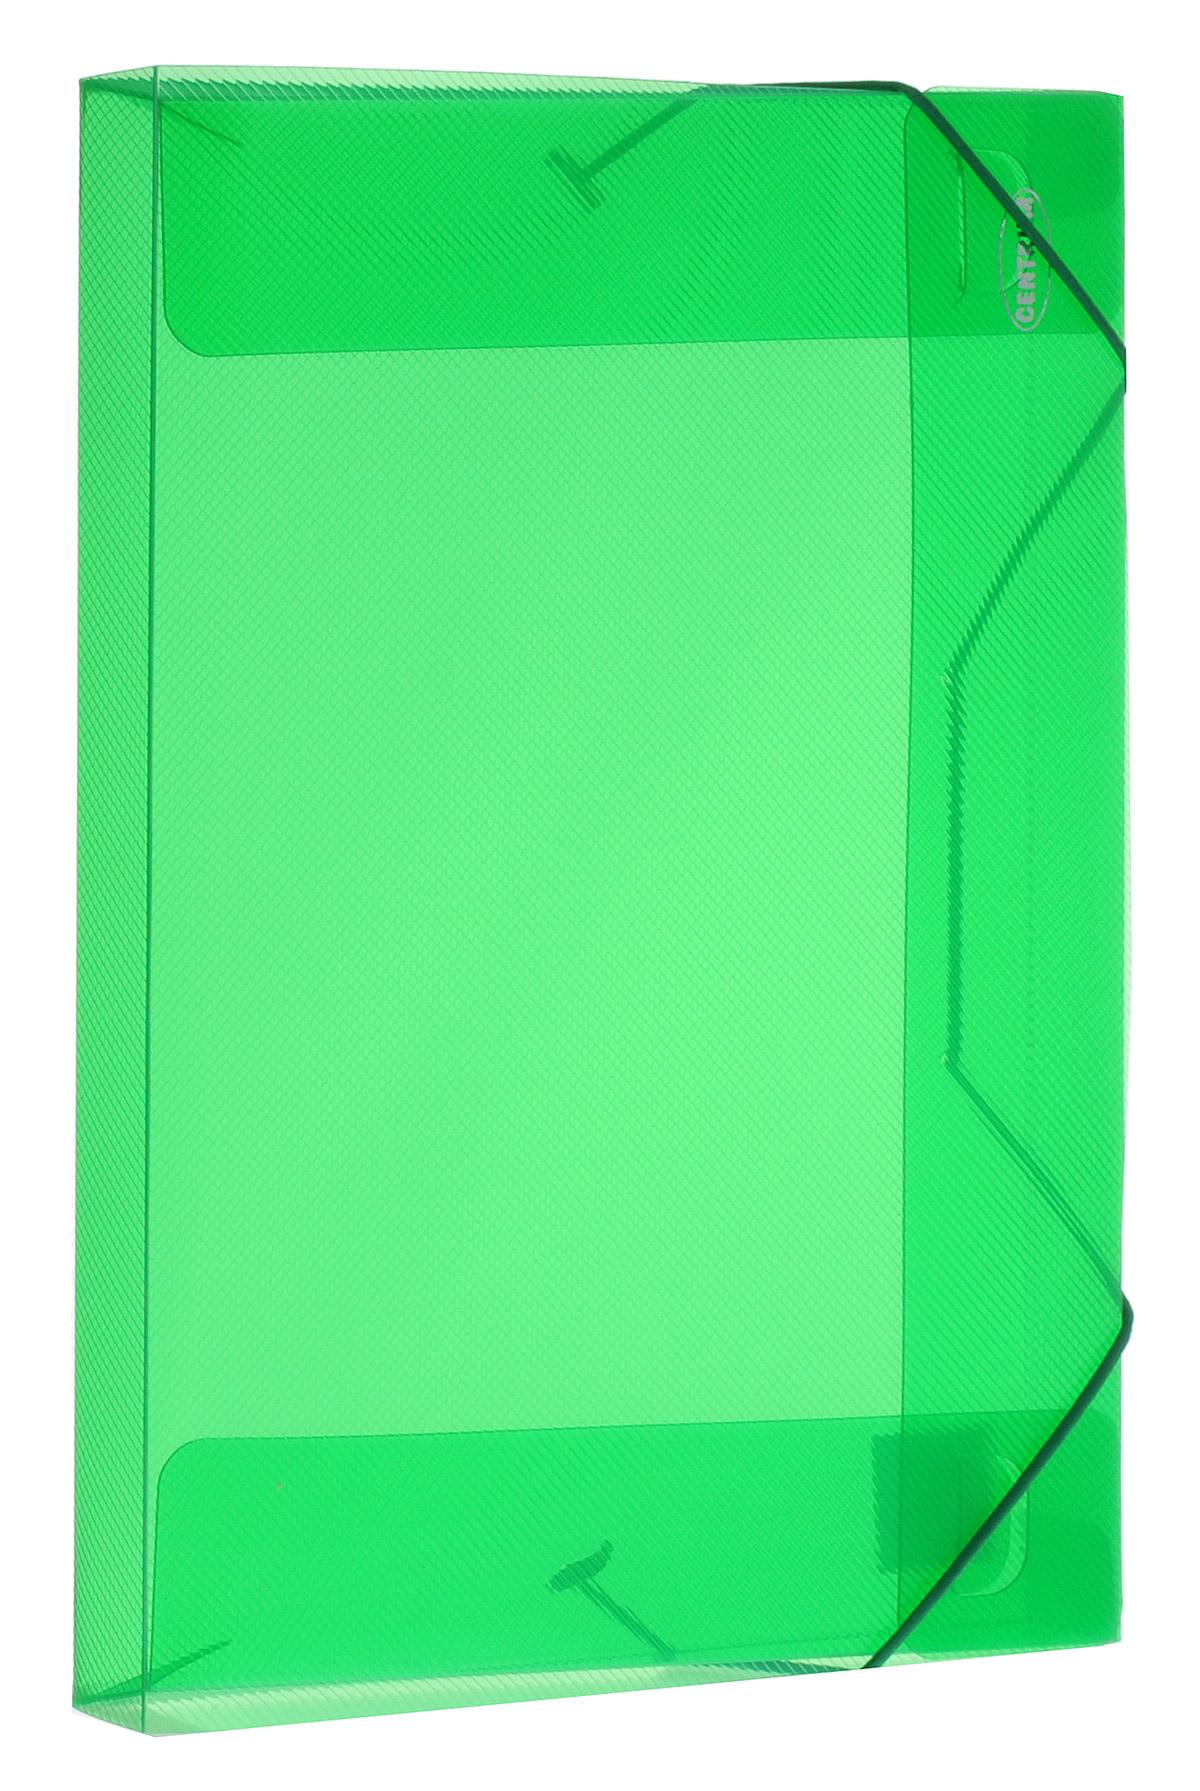 Centrum Папка на резинке цвет зеленый формат А4 8001980019_зеленыйПапка на резинке Centrum станет вашим верным помощником дома и в офисе. Это удобный и функциональный инструмент, предназначенный для хранения и транспортировки больших объемов рабочих бумаг и документов формата А4. Папка изготовлена из износостойкого высококачественного пластика. Состоит из одного вместительного отделения. Закрывается папка при помощи прочной резинки. Папка - это незаменимый атрибут для любого студента, школьника или офисного работника. Такая папка надежно сохранит ваши бумаги и сбережет их от повреждений, пыли и влаги.